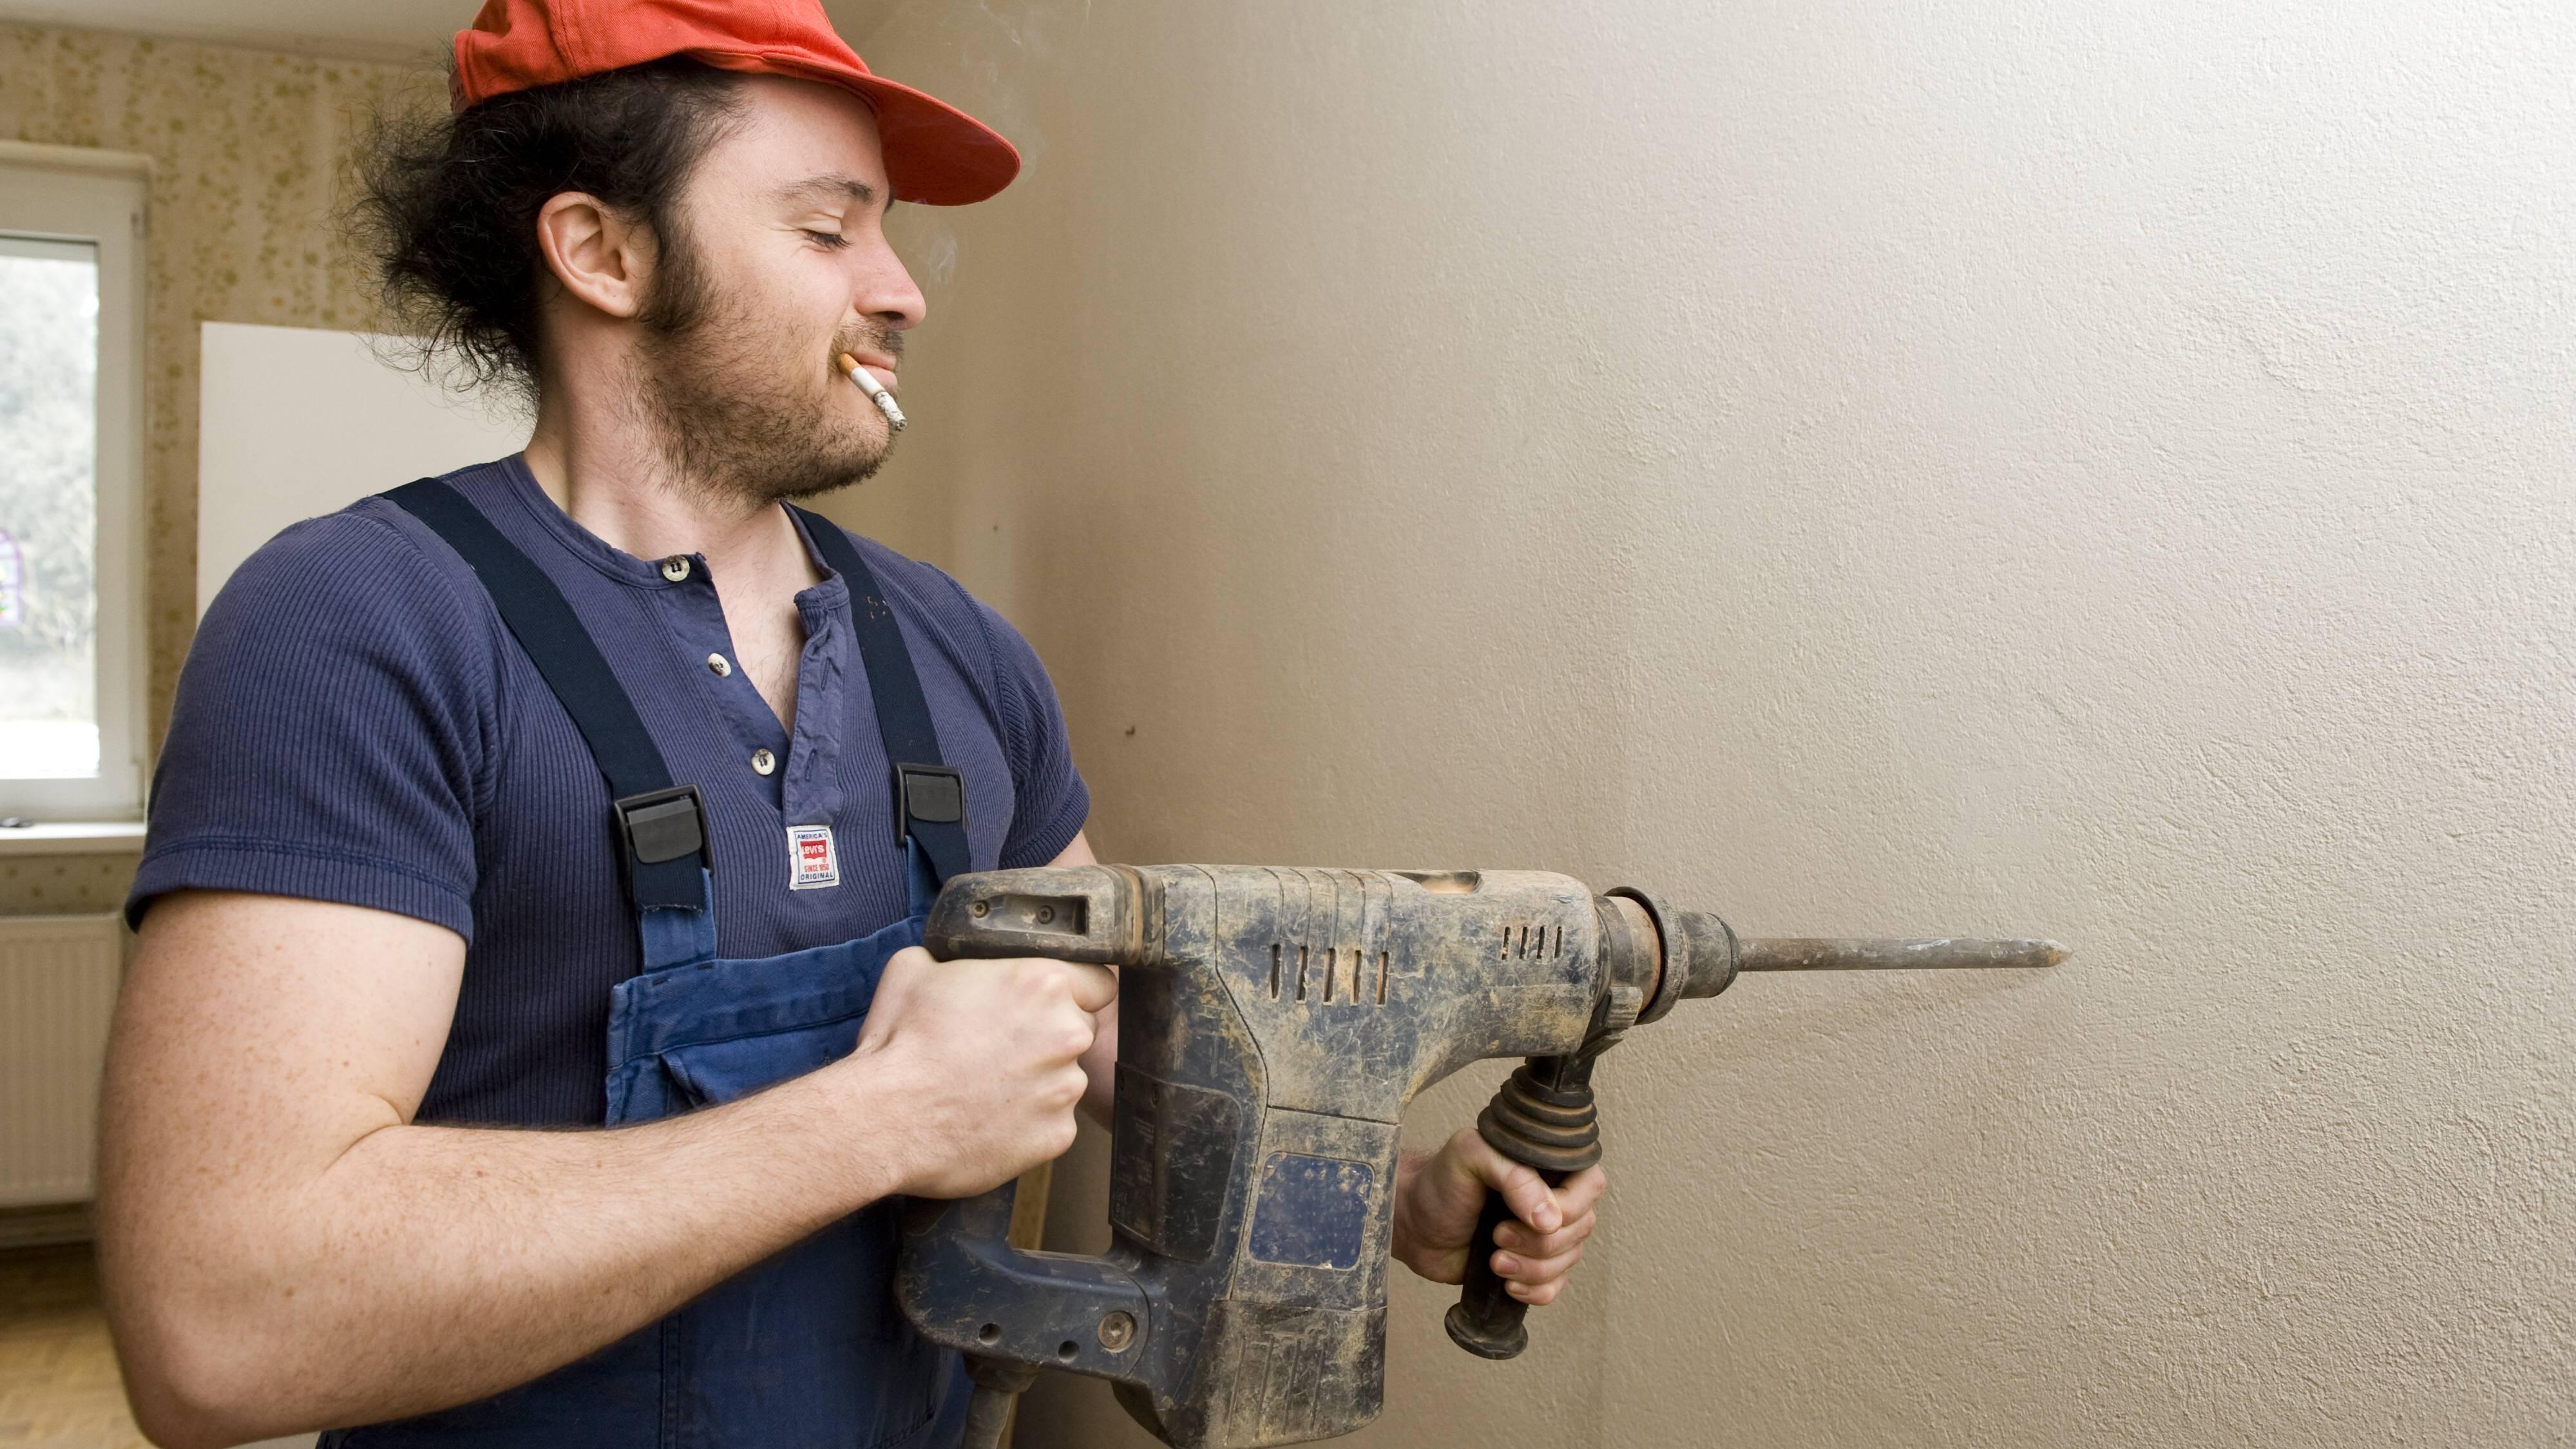 Um Stahlbeton zu bohren braucht man eine Schlagbohrmaschine oder einen Bohrhammer.